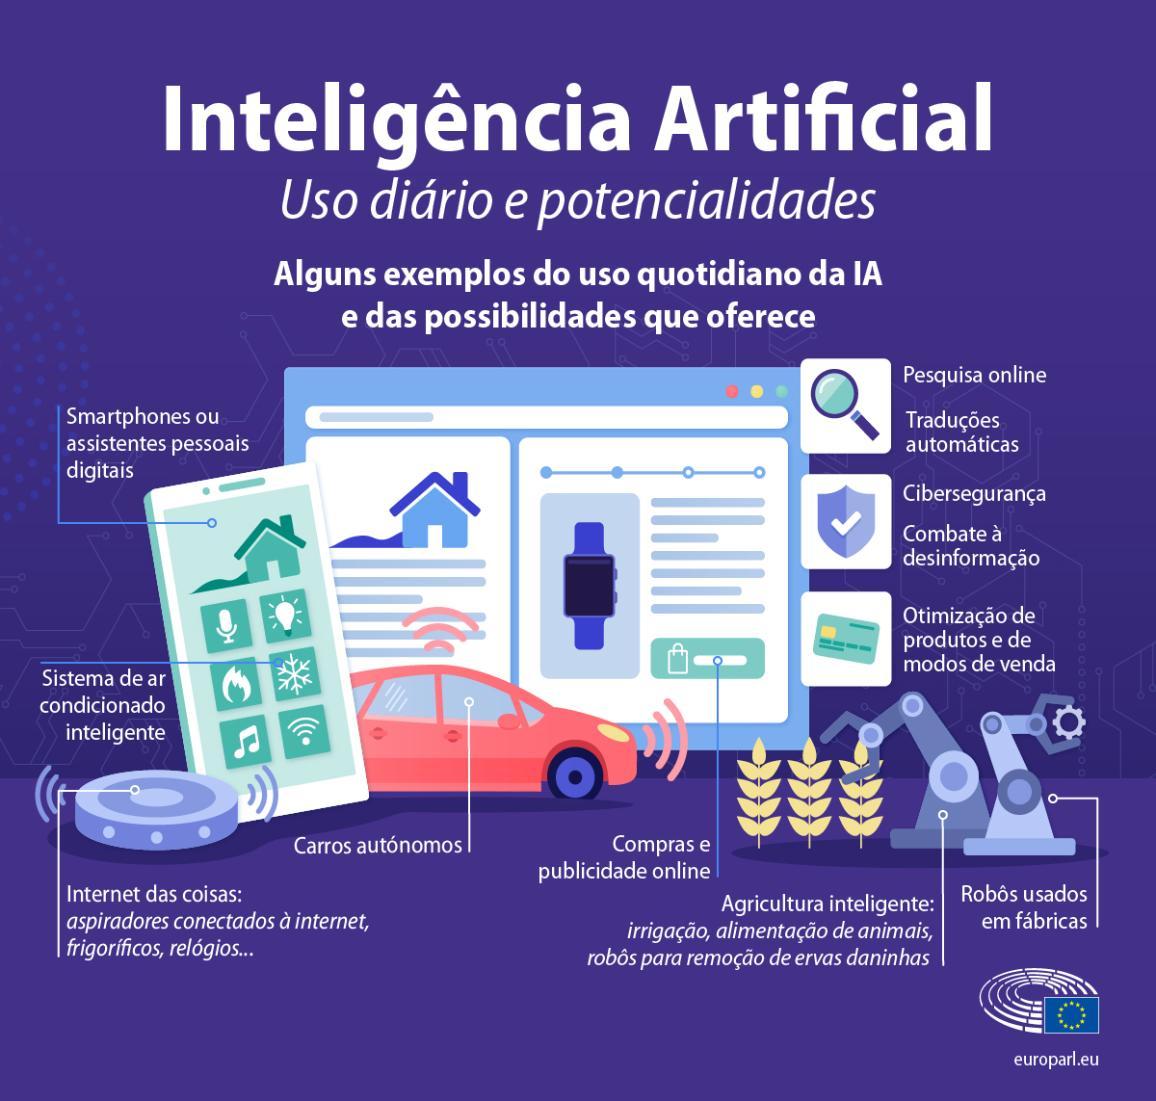 Uma infografia com exemplos do uso quotidiano da inteligência artificial